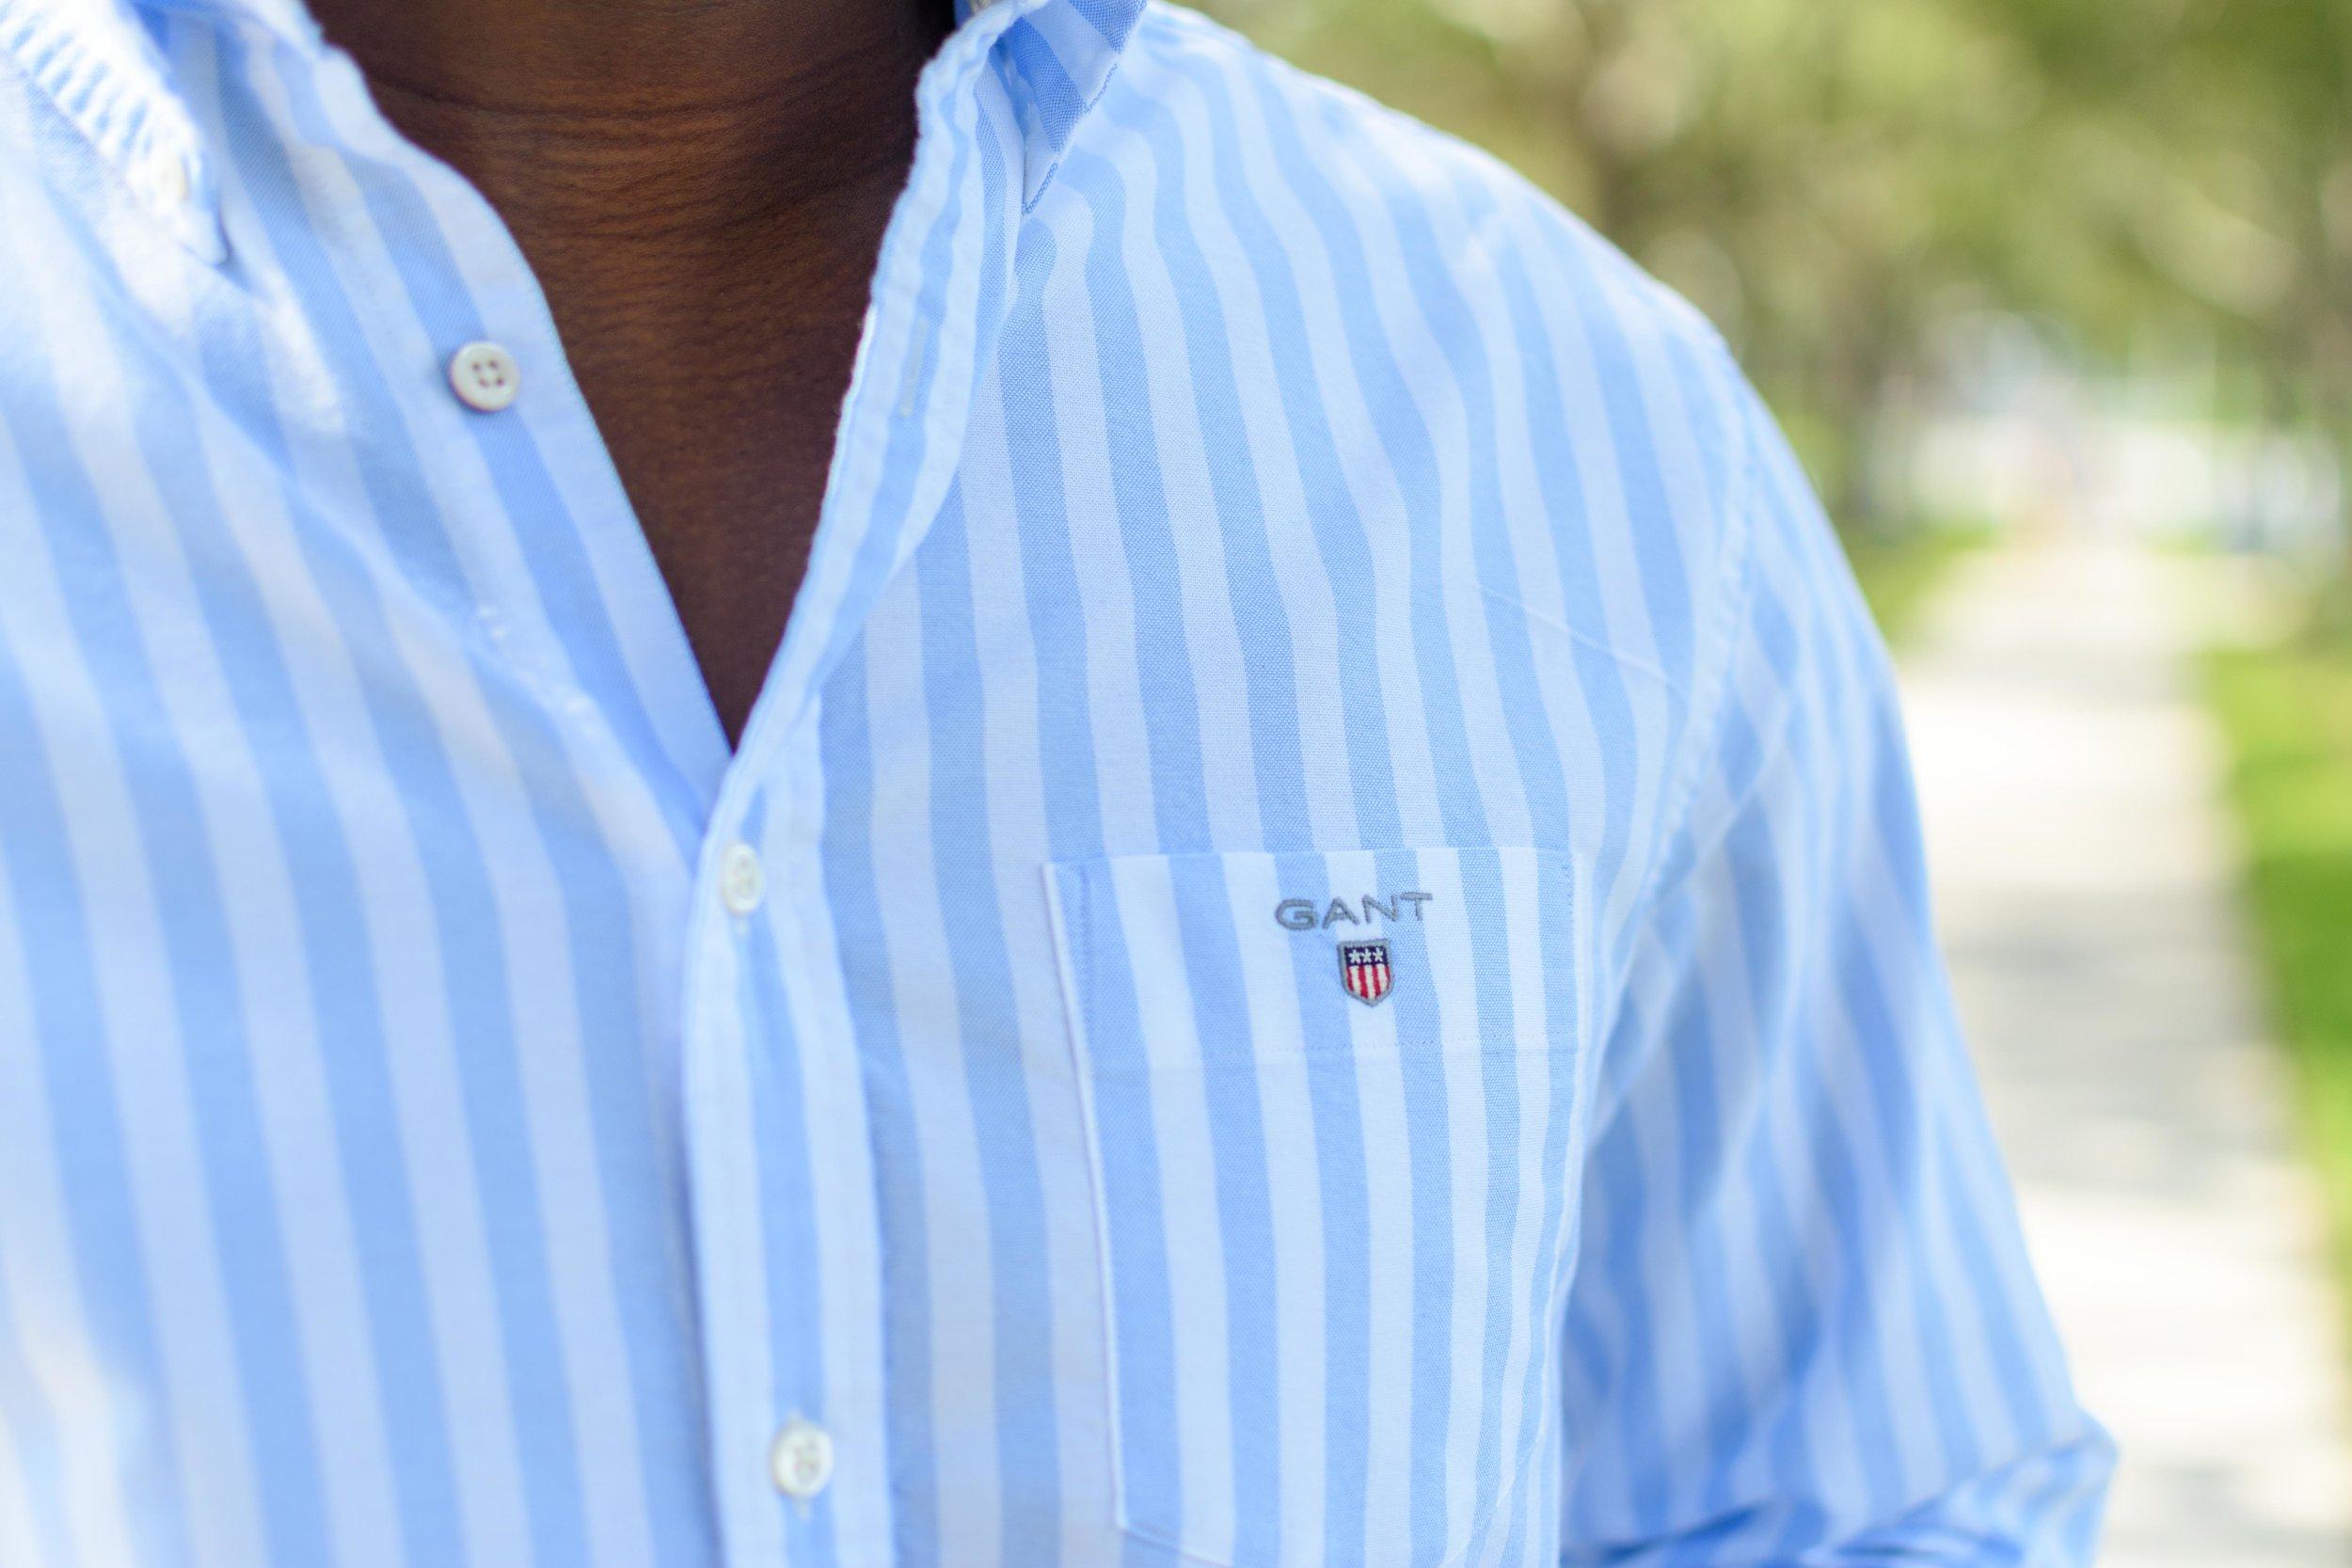 gant oxford banker shirt capri blue details.JPG